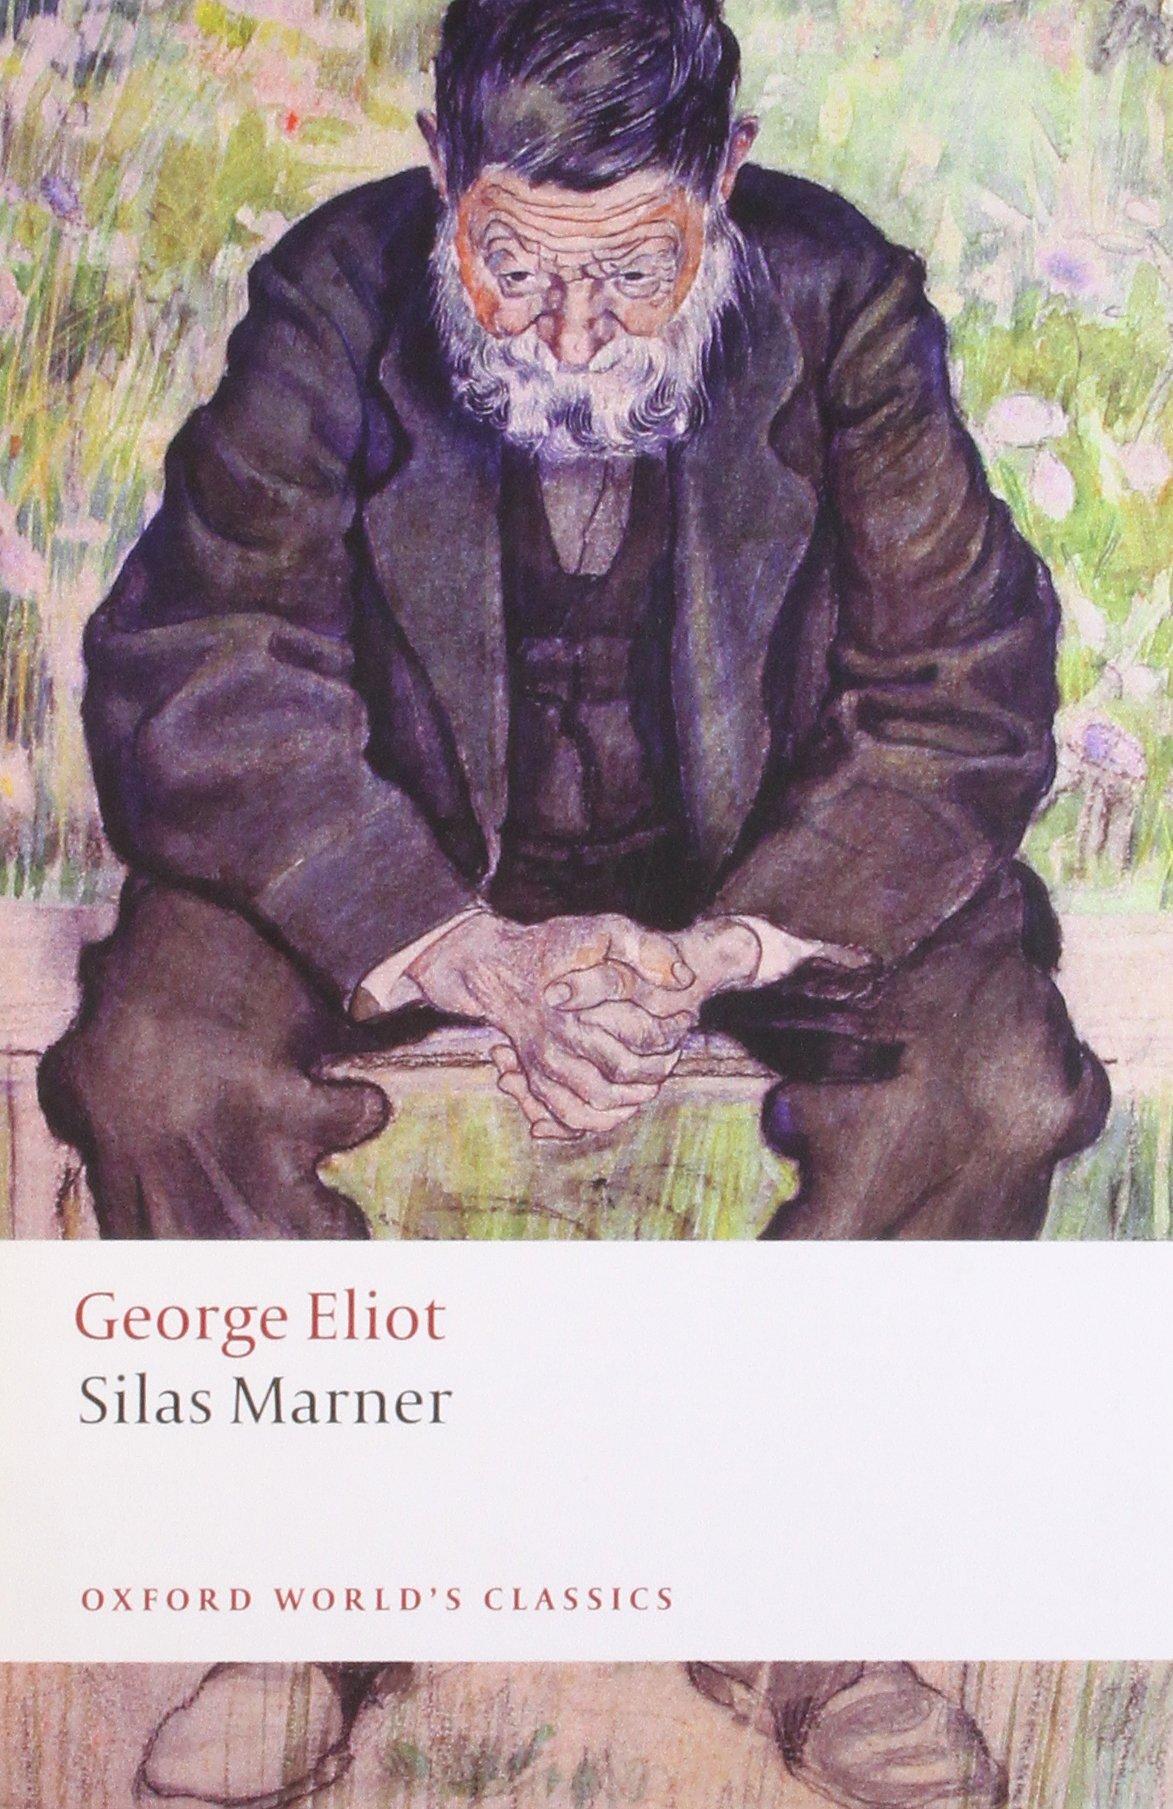 Couvertures, images et illustrations de Silas Marner de George Eliot